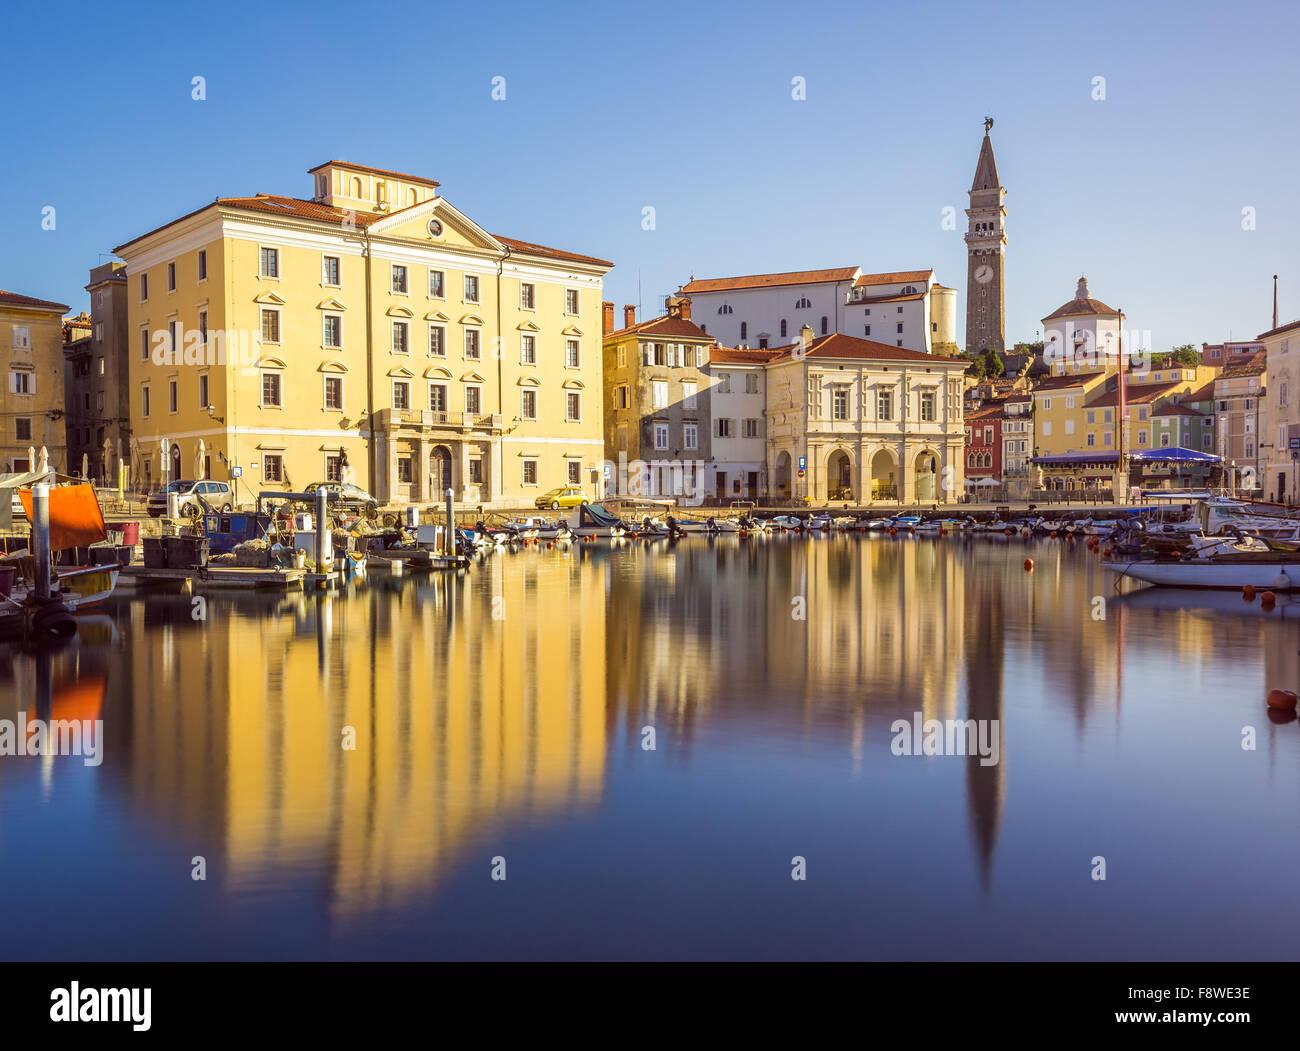 Edificios de la plaza principal de Tartini Piran ciudad reflejada en el agua en Eslovenia. Foto de stock